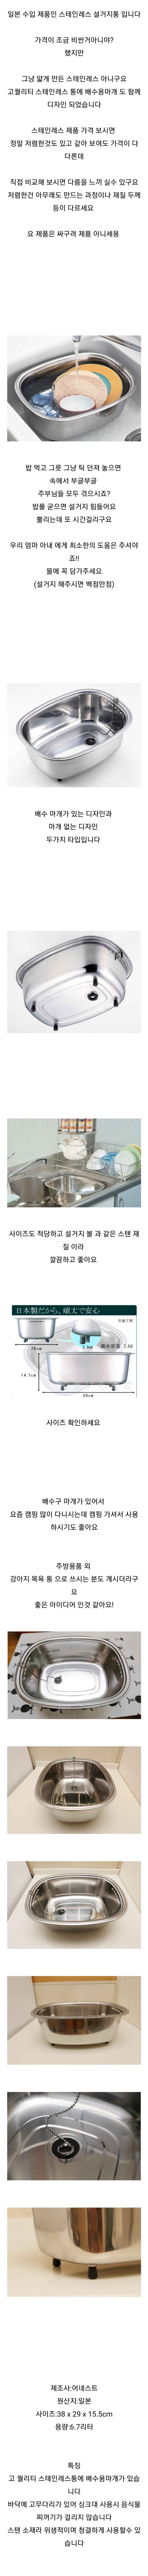 스테인레스 설거지통 설거지볼(고무마개) - 베이비글, 73,000원, 설거지 용품, 설거지 통